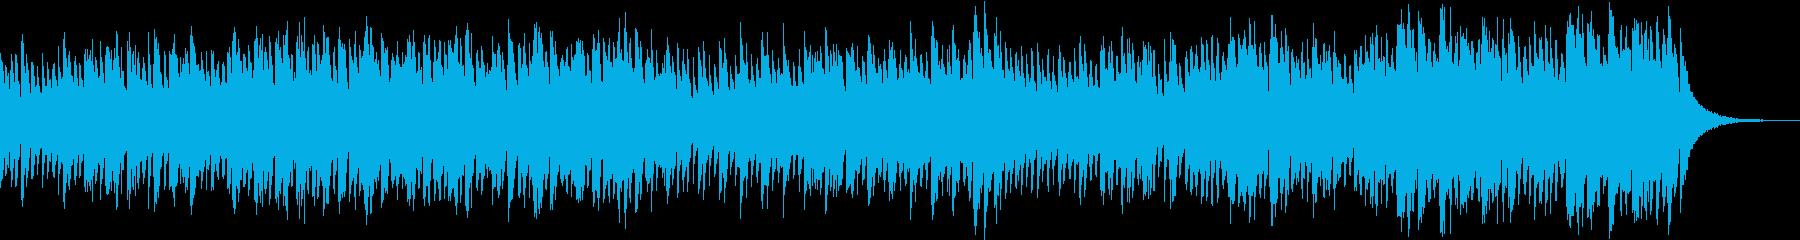 ハープとベルが奏でるウェディングソングの再生済みの波形